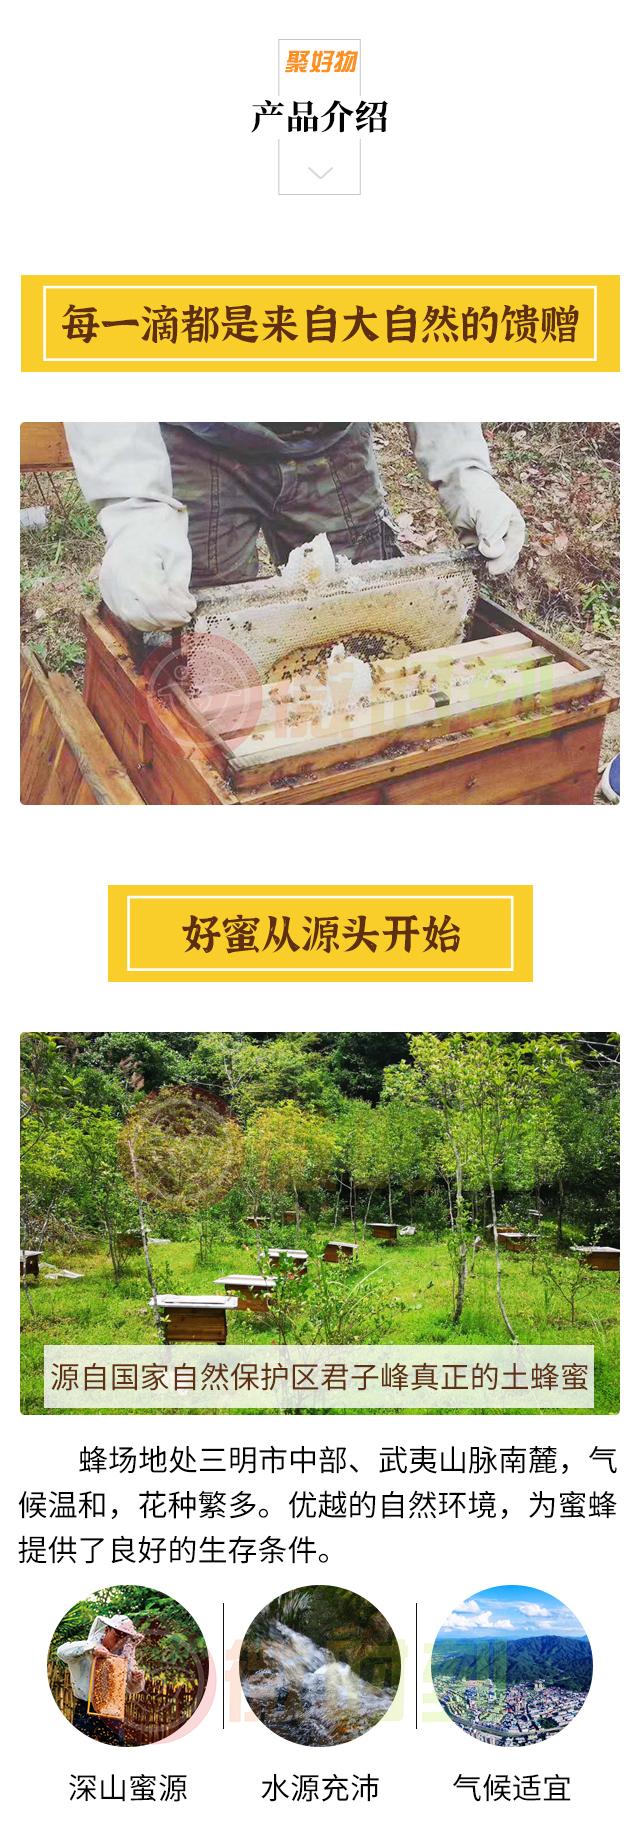 明溪啝嬑興天然蜂蜜_v-02.jpg